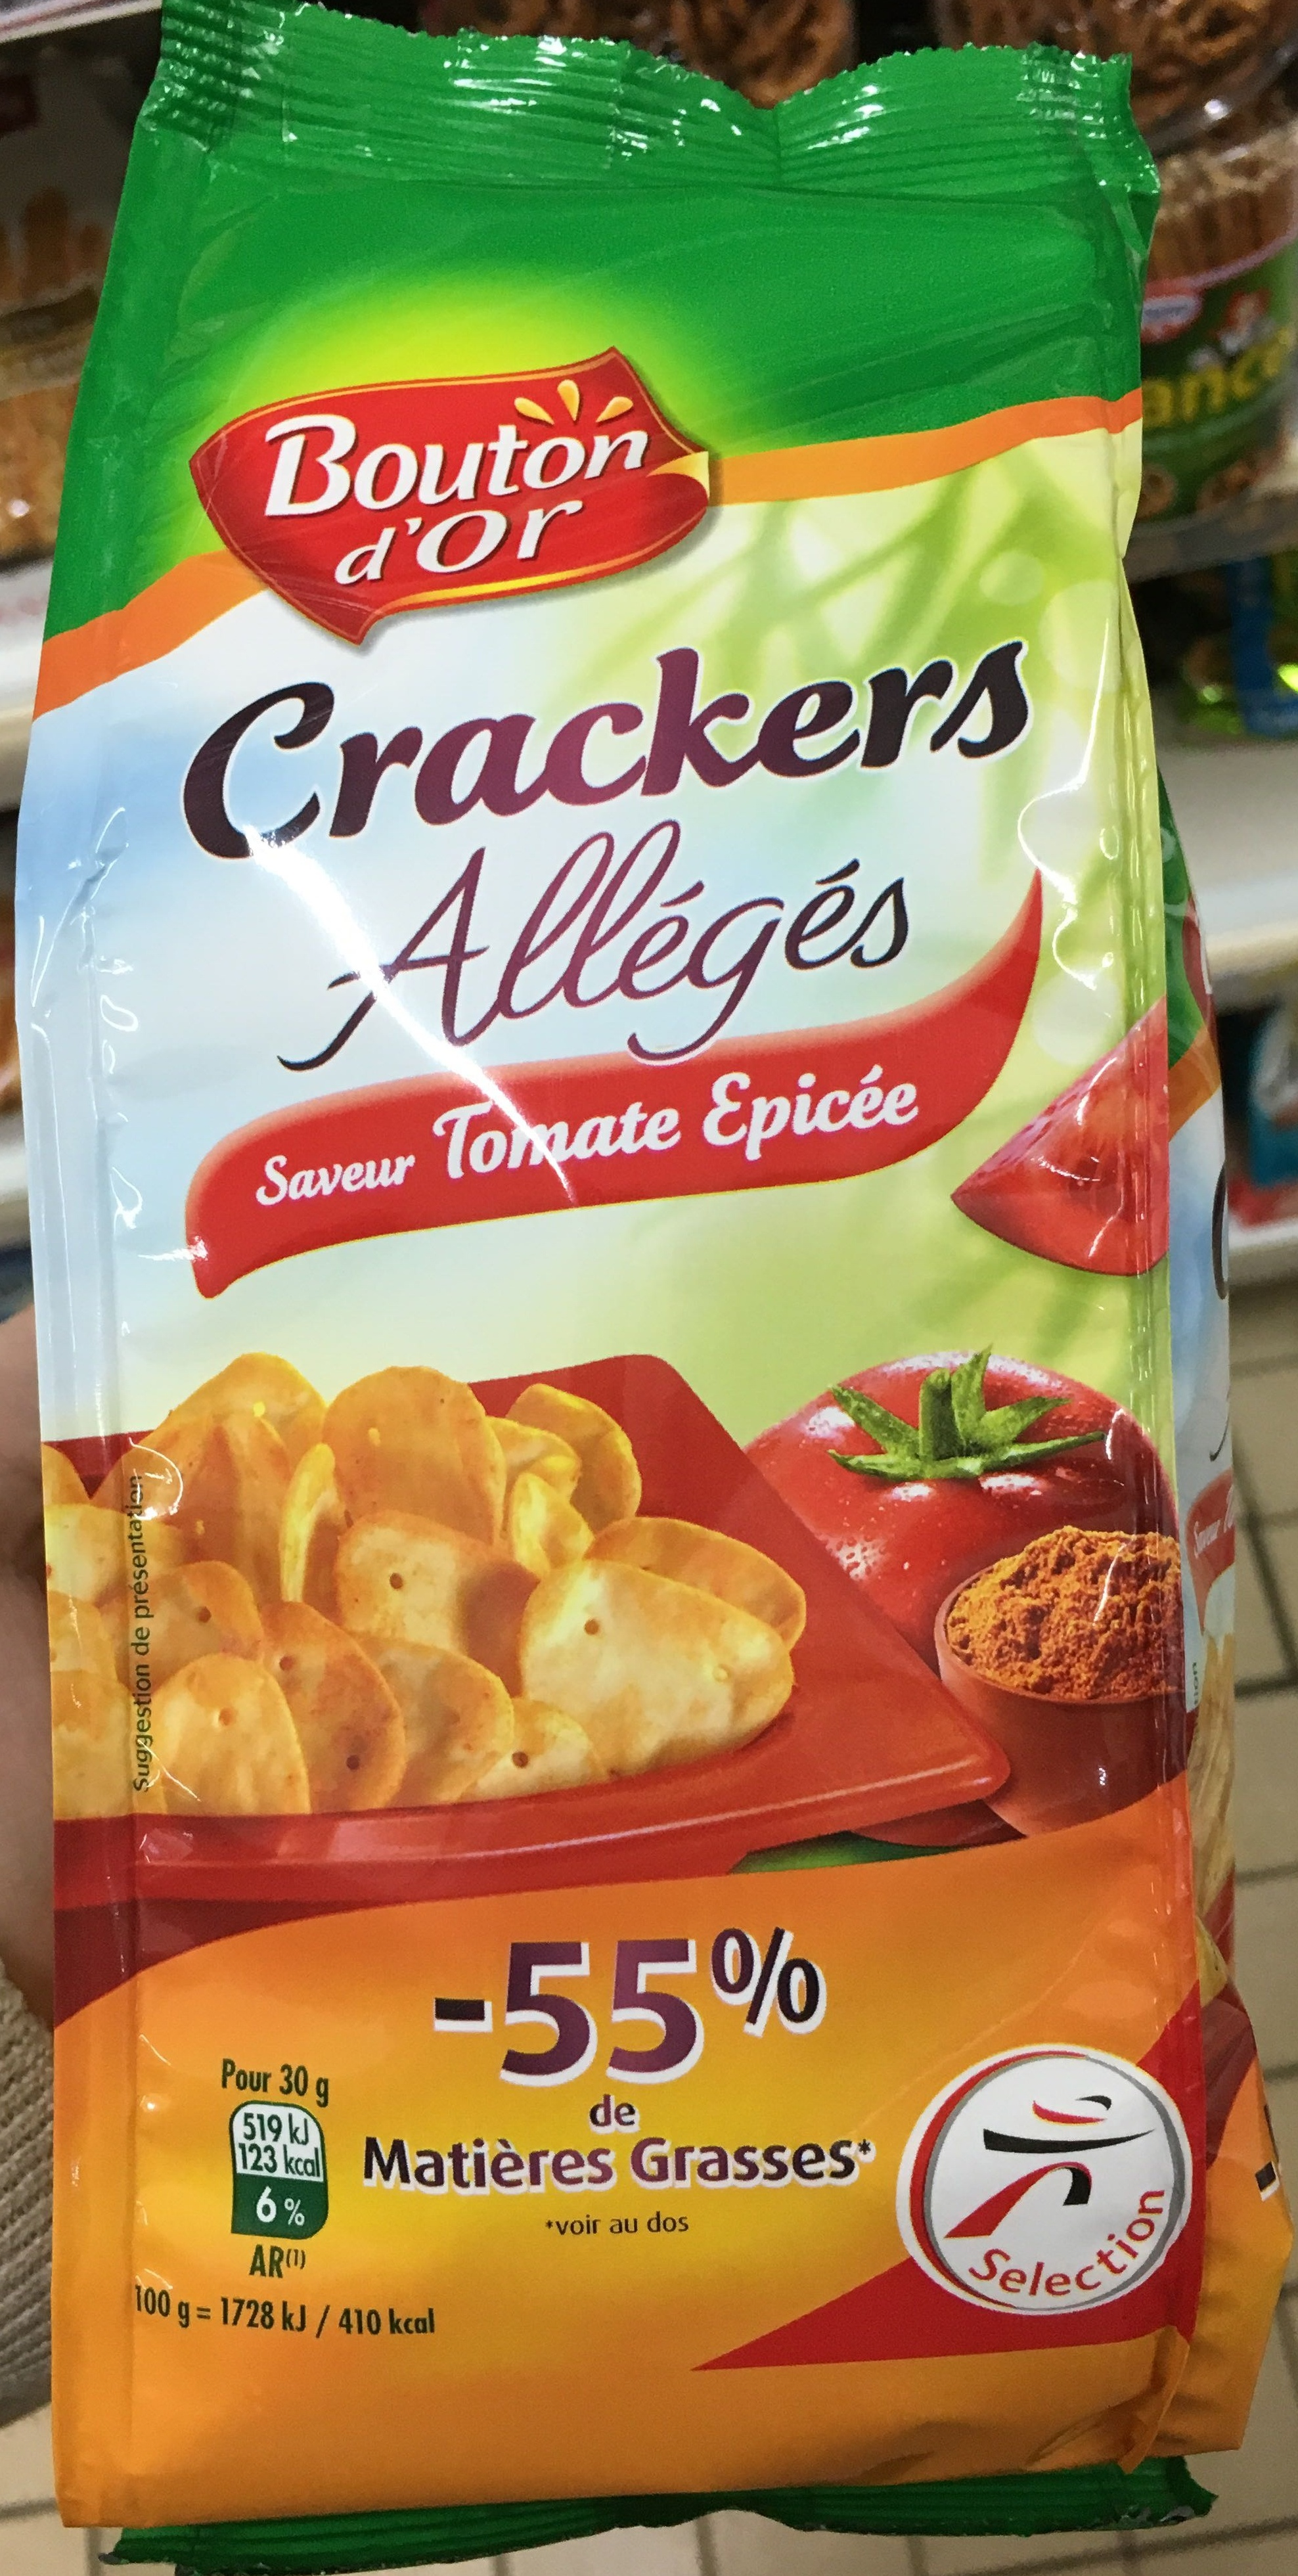 Crackers allégés saveur Tomate épicée - Product